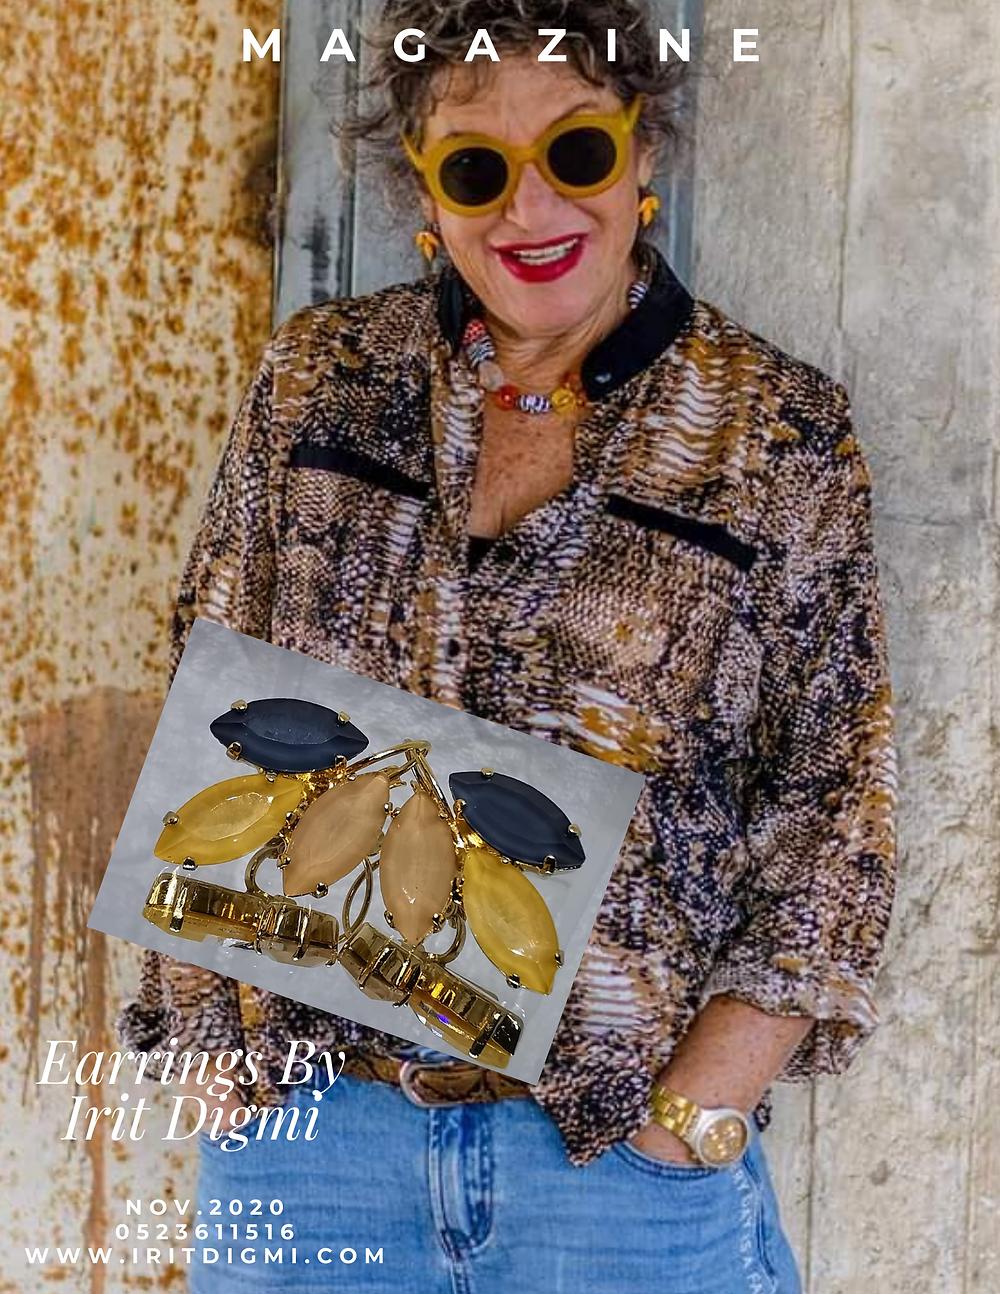 אירית דגמי מצולמת על שער מגזין צילום מאירה גוראי רז